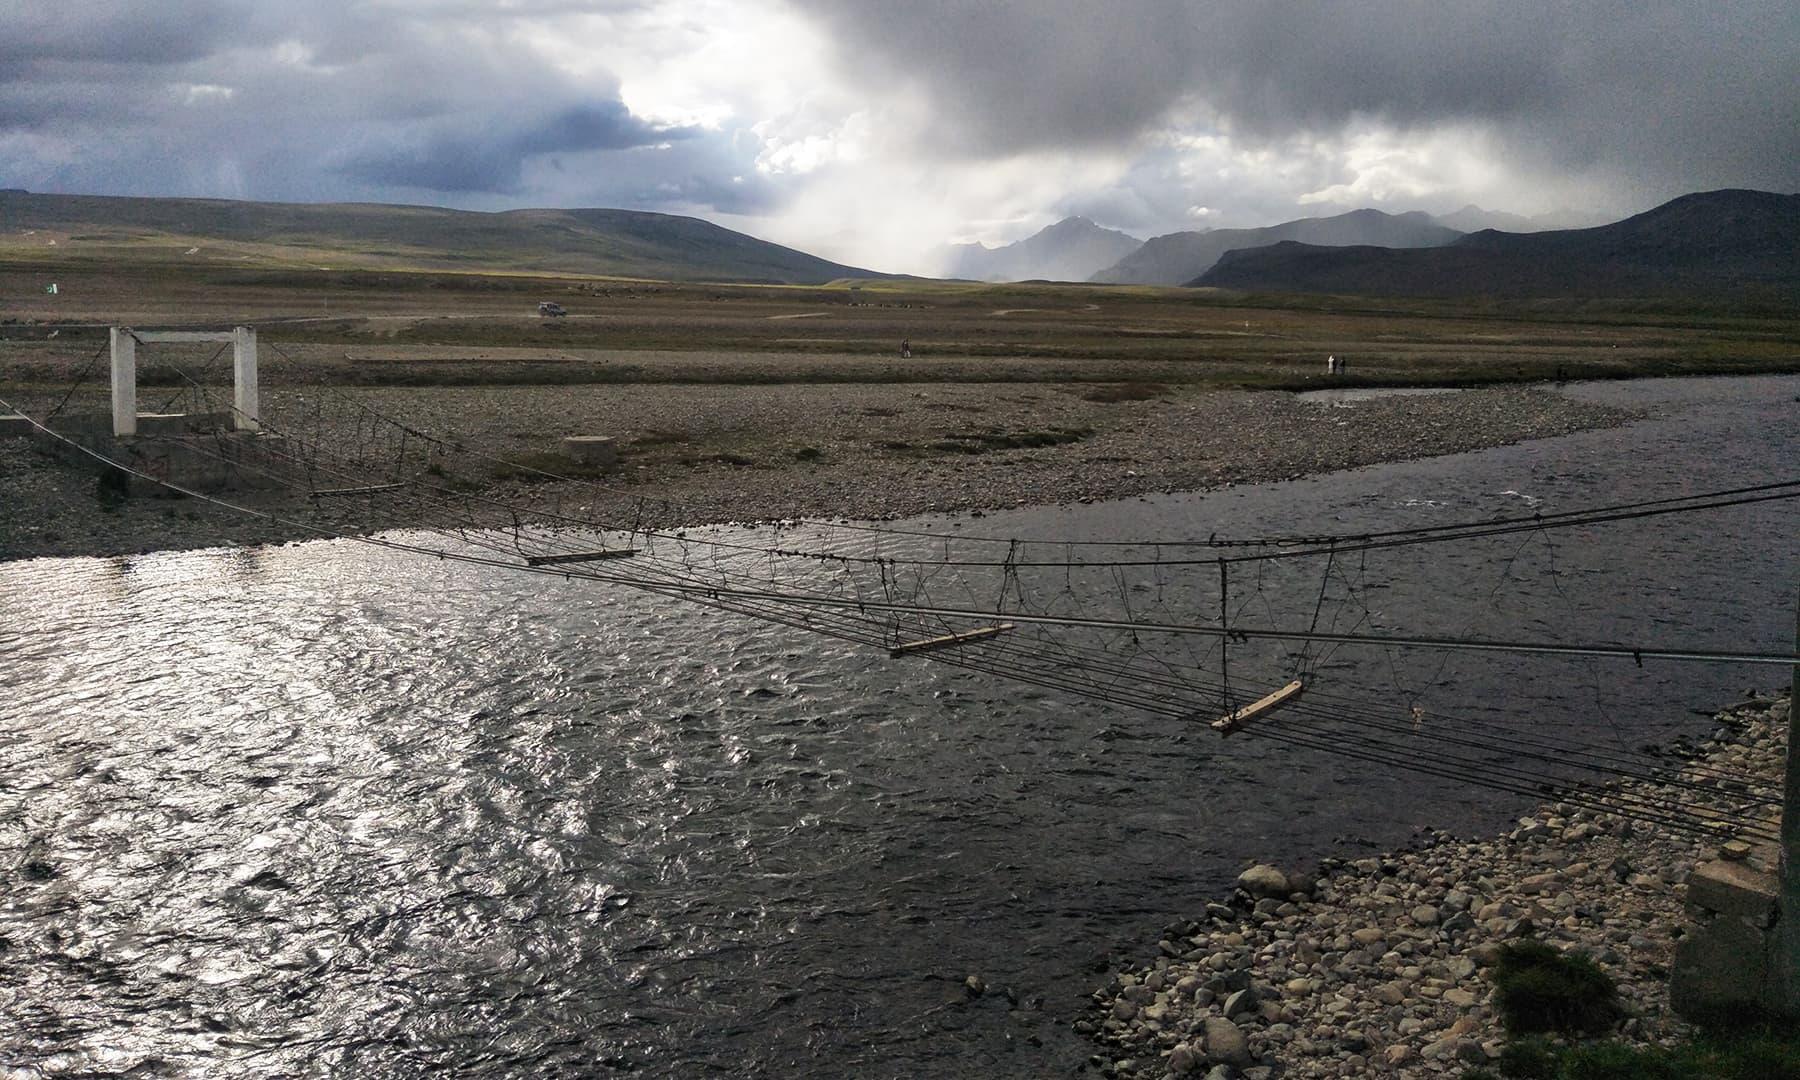 بڑا پانی کے مقام پر پرانا لکڑی کا پل جو زیر استعمال نہیں—تصویر عظمت اکبر